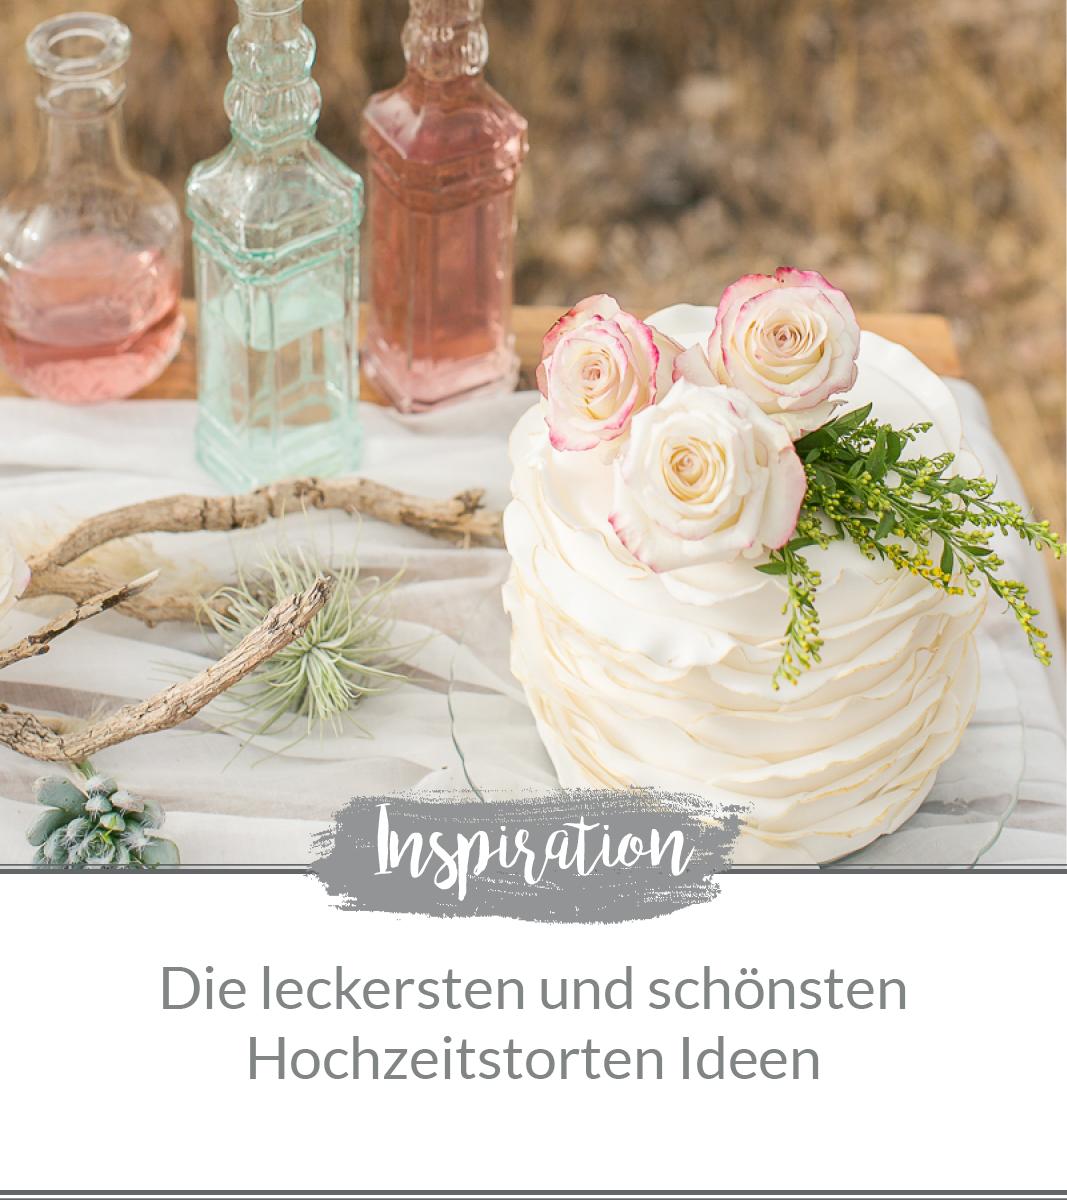 Hochzeitstorten Ideen. Ruffled Cake mit Goldrand